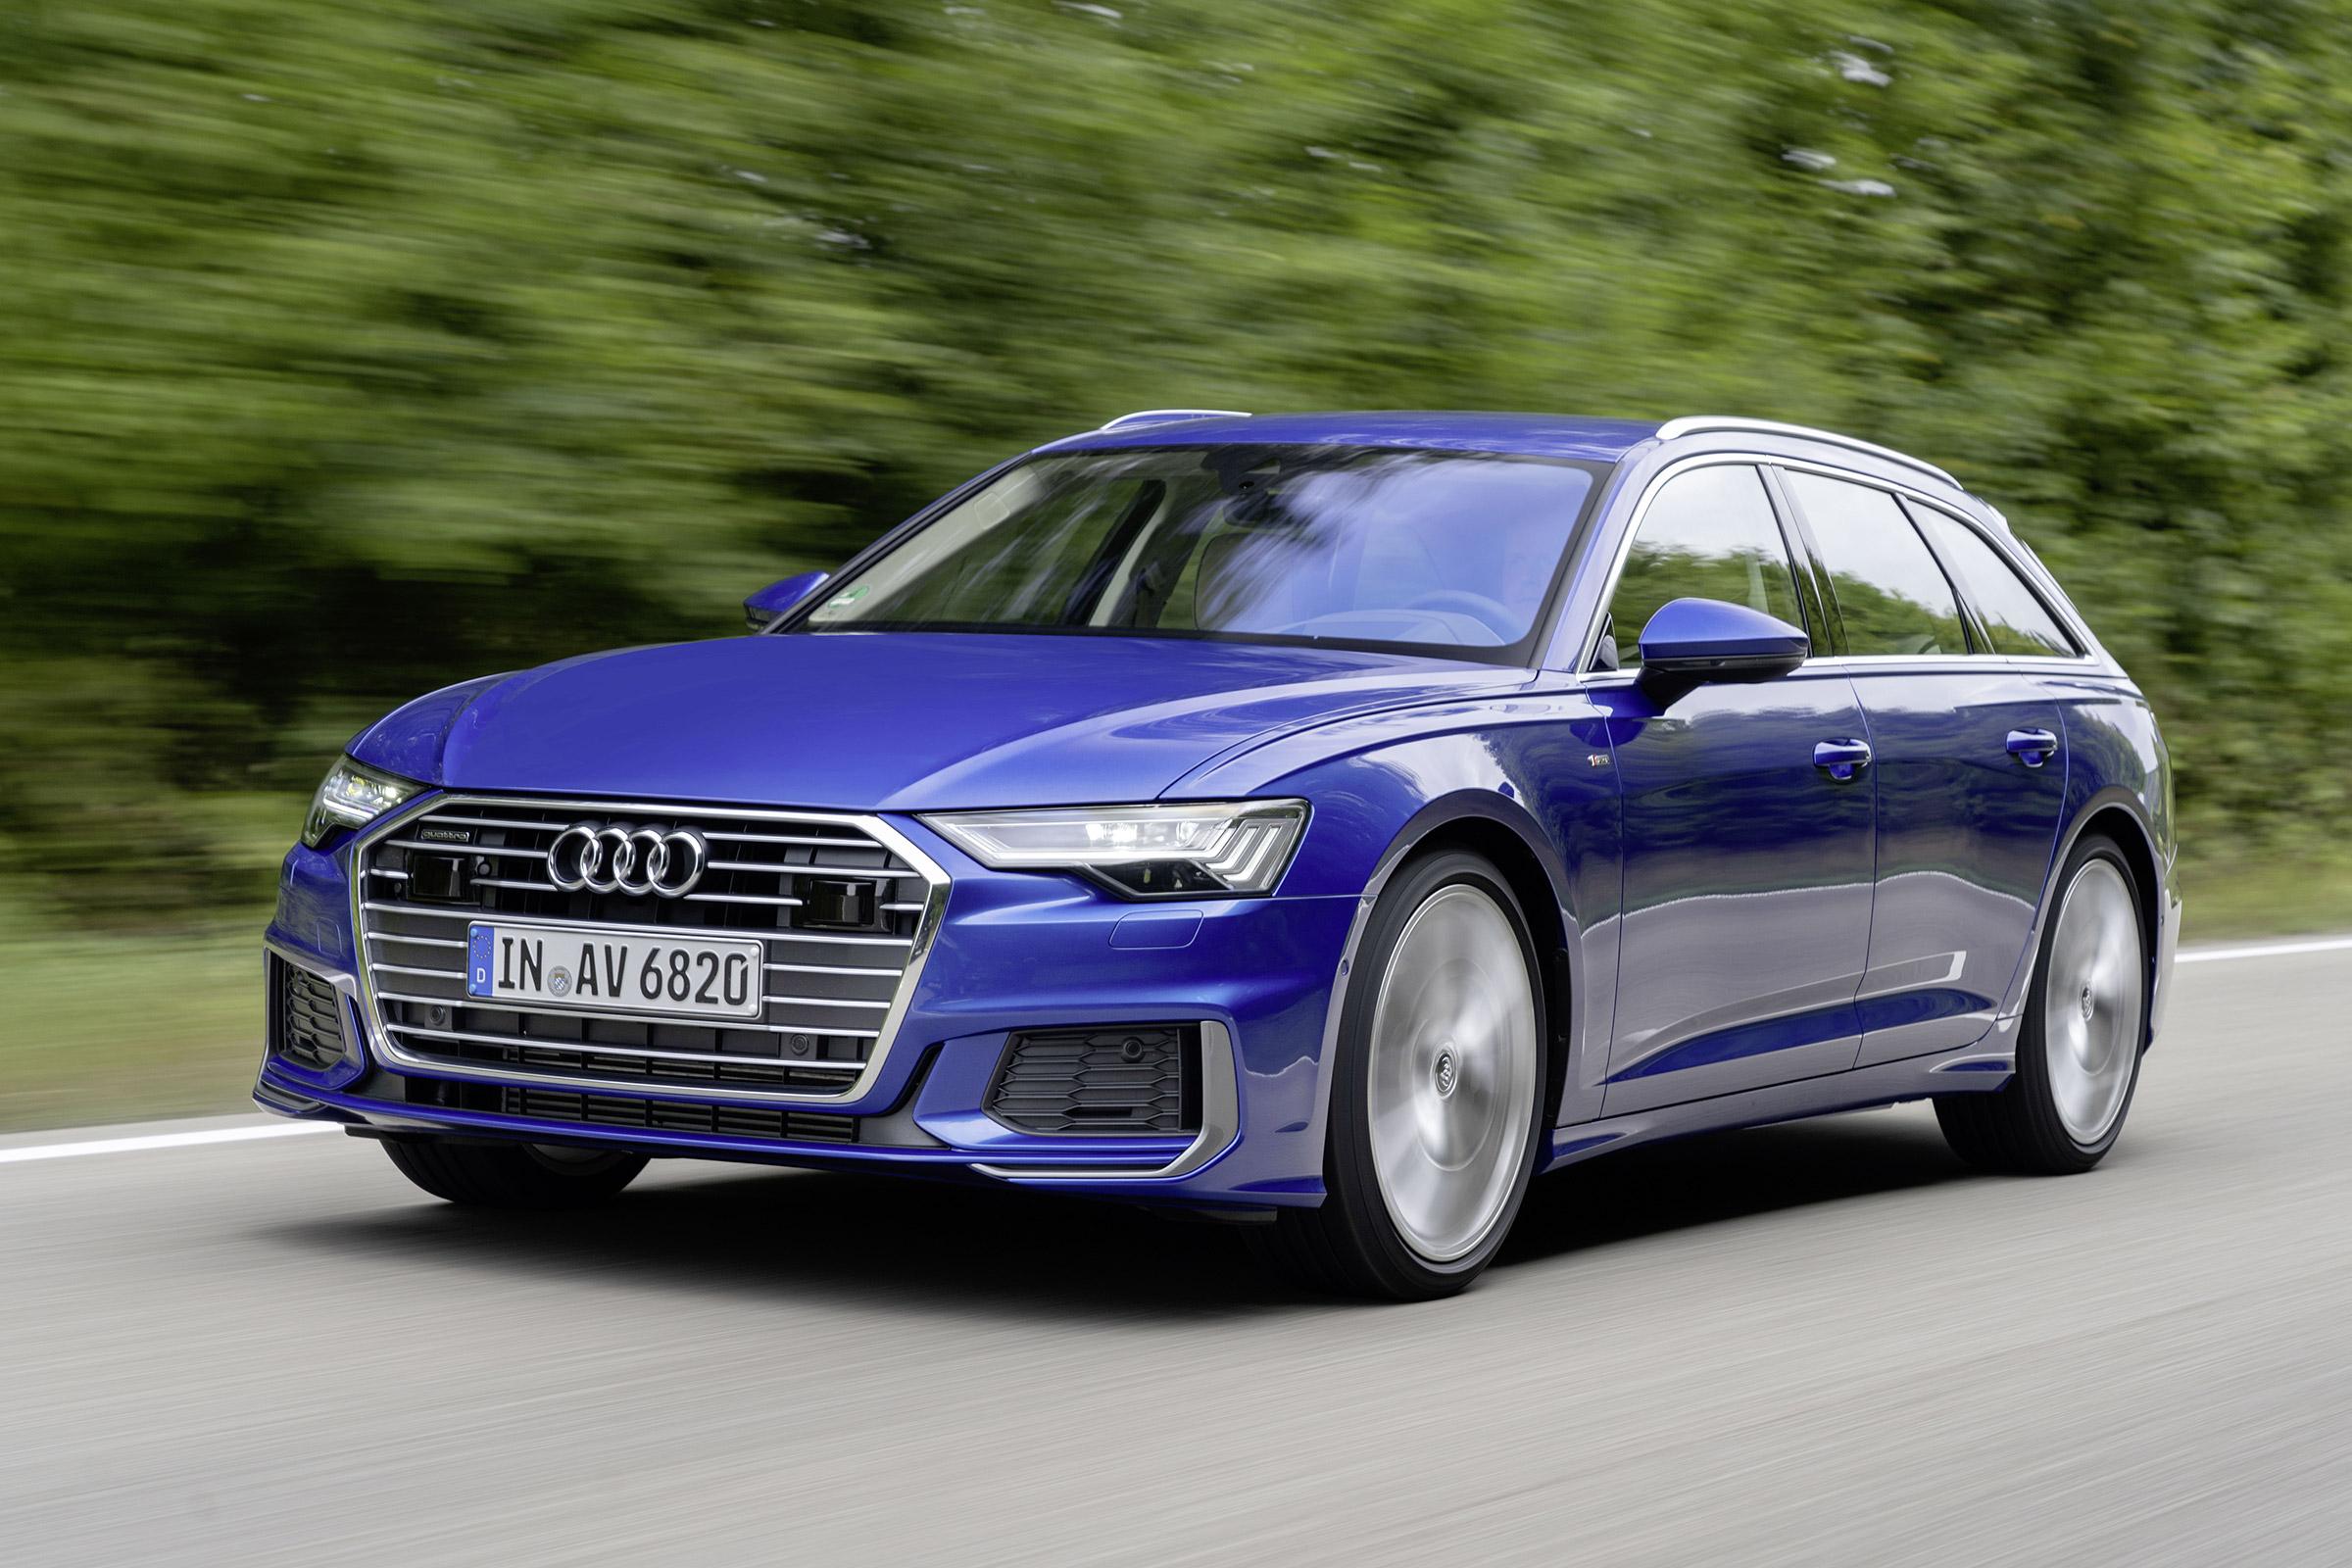 Audi A6 Avant 2018 >> New 2018 Audi A6 Avant Review Is The Tech Leading Estate A